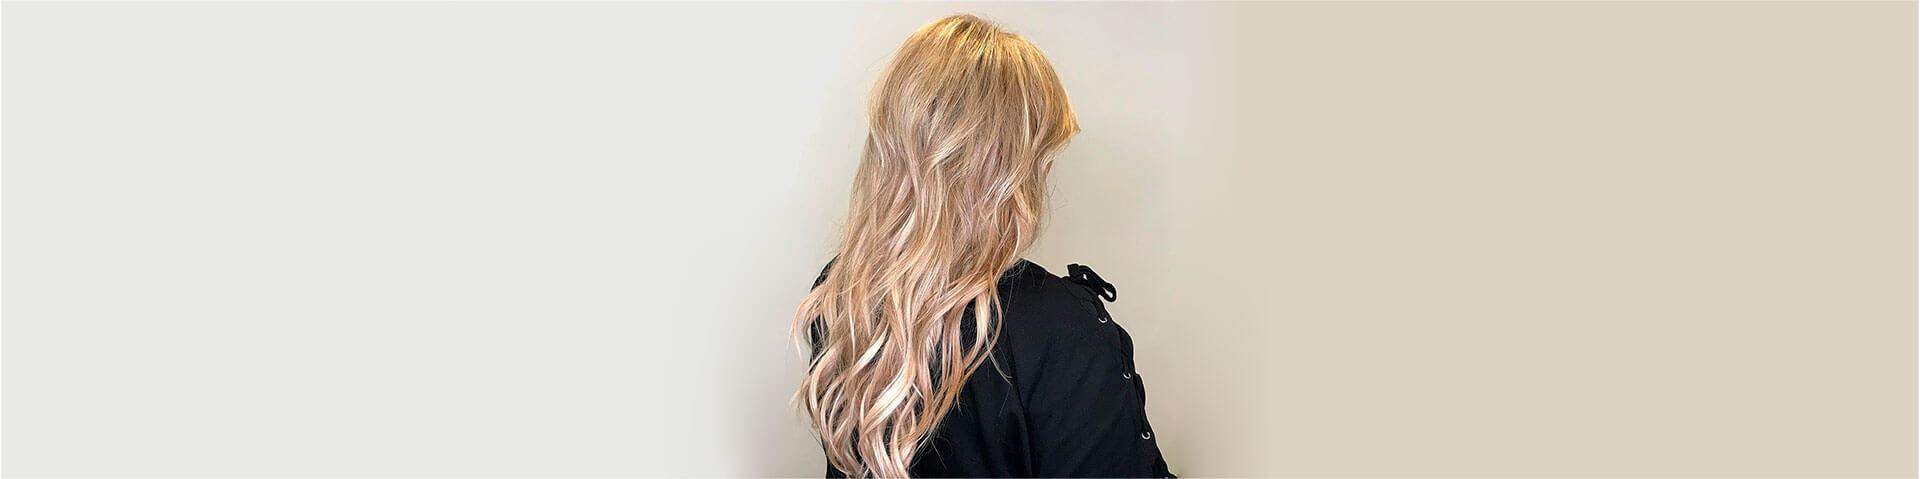 Окрашивание волос Airtouch